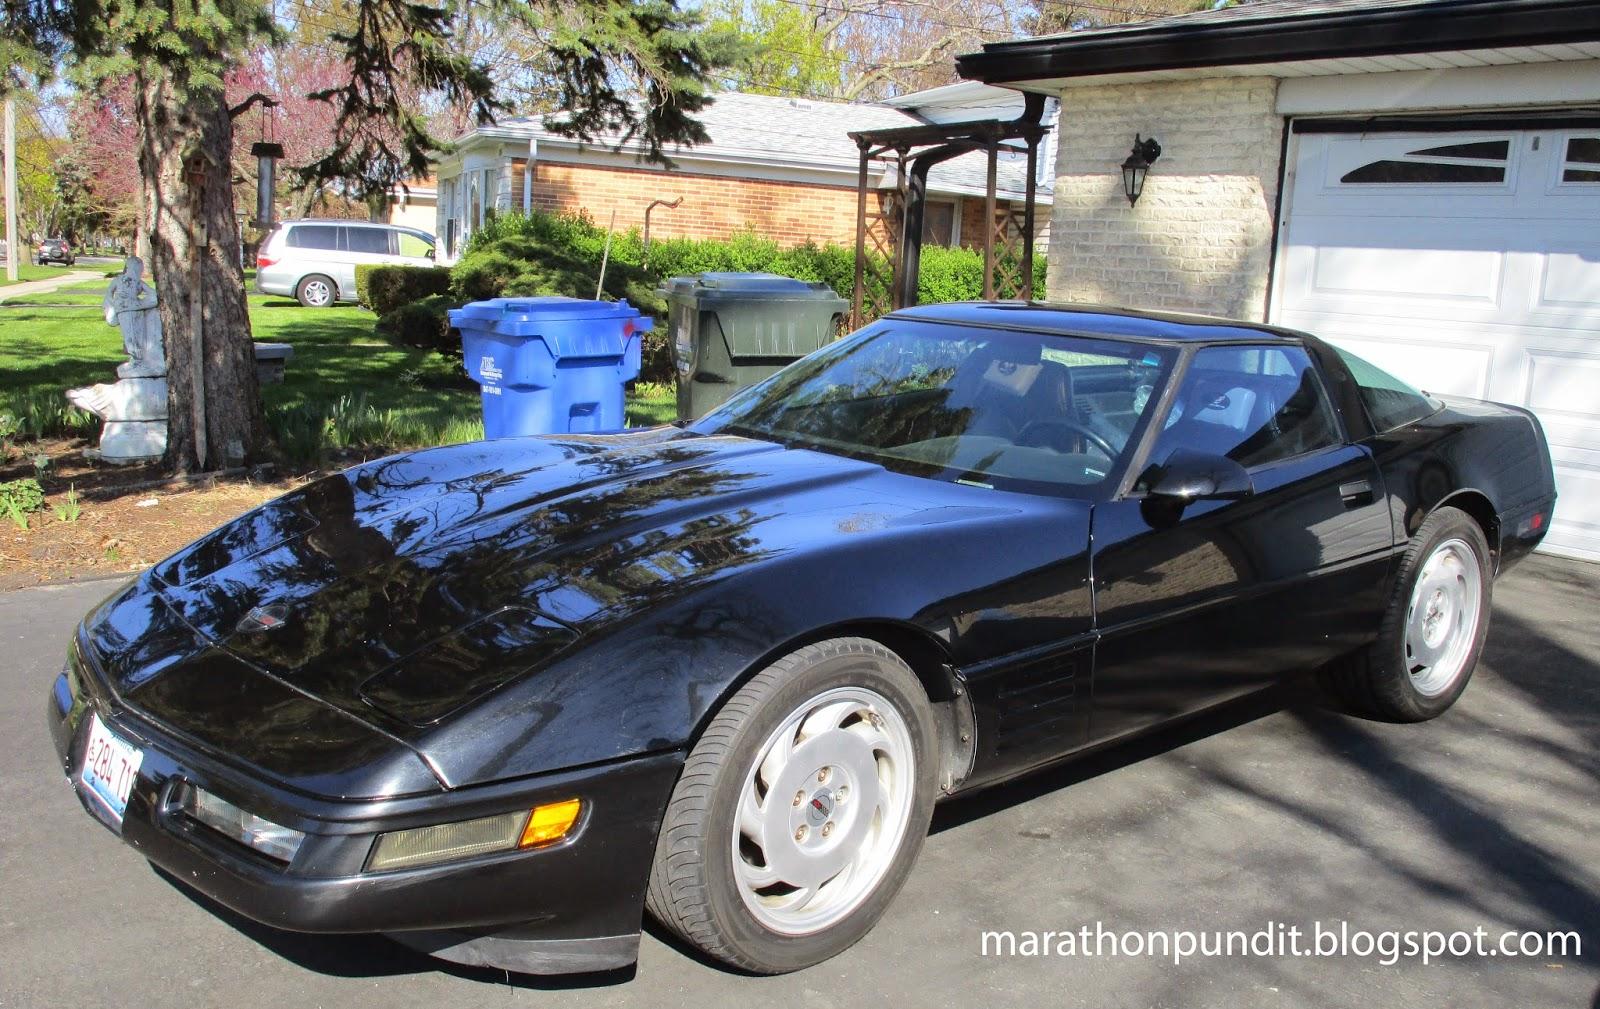 Corvette 1994 chevy corvette : Marathon Pundit: (Photo) 1994 Chevy Corvette